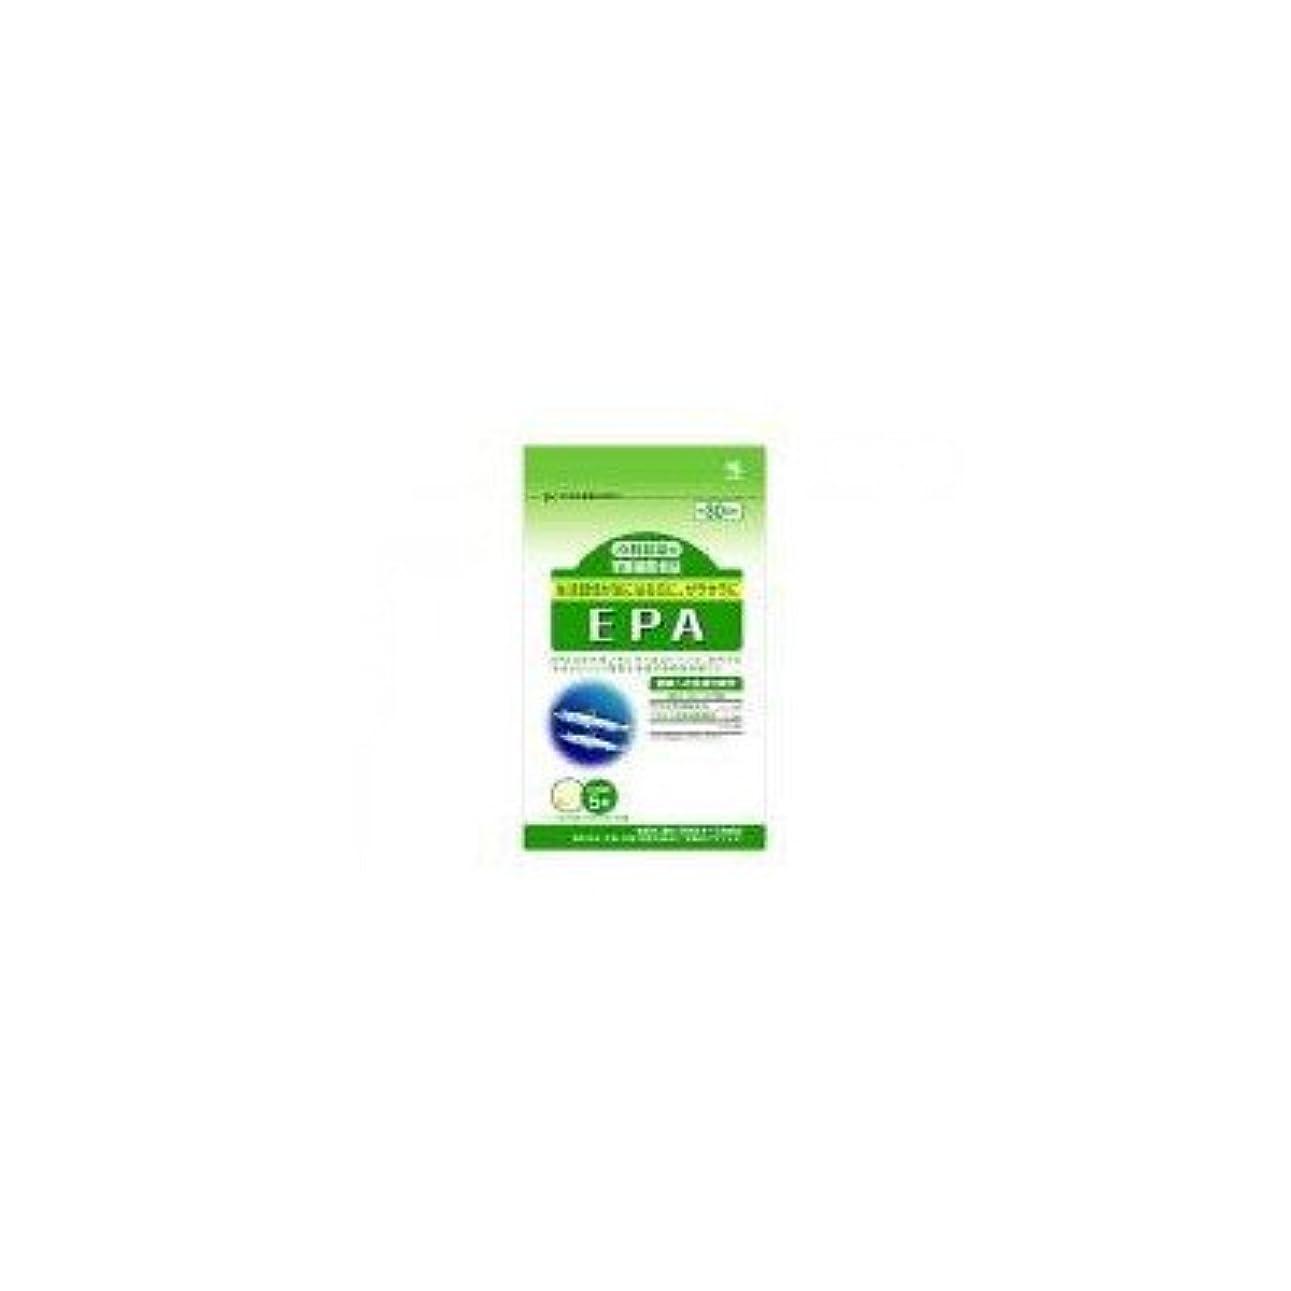 隣接する摂氏お尻小林製薬の栄養補助食品 EPA(150粒 約30日分) 4セット